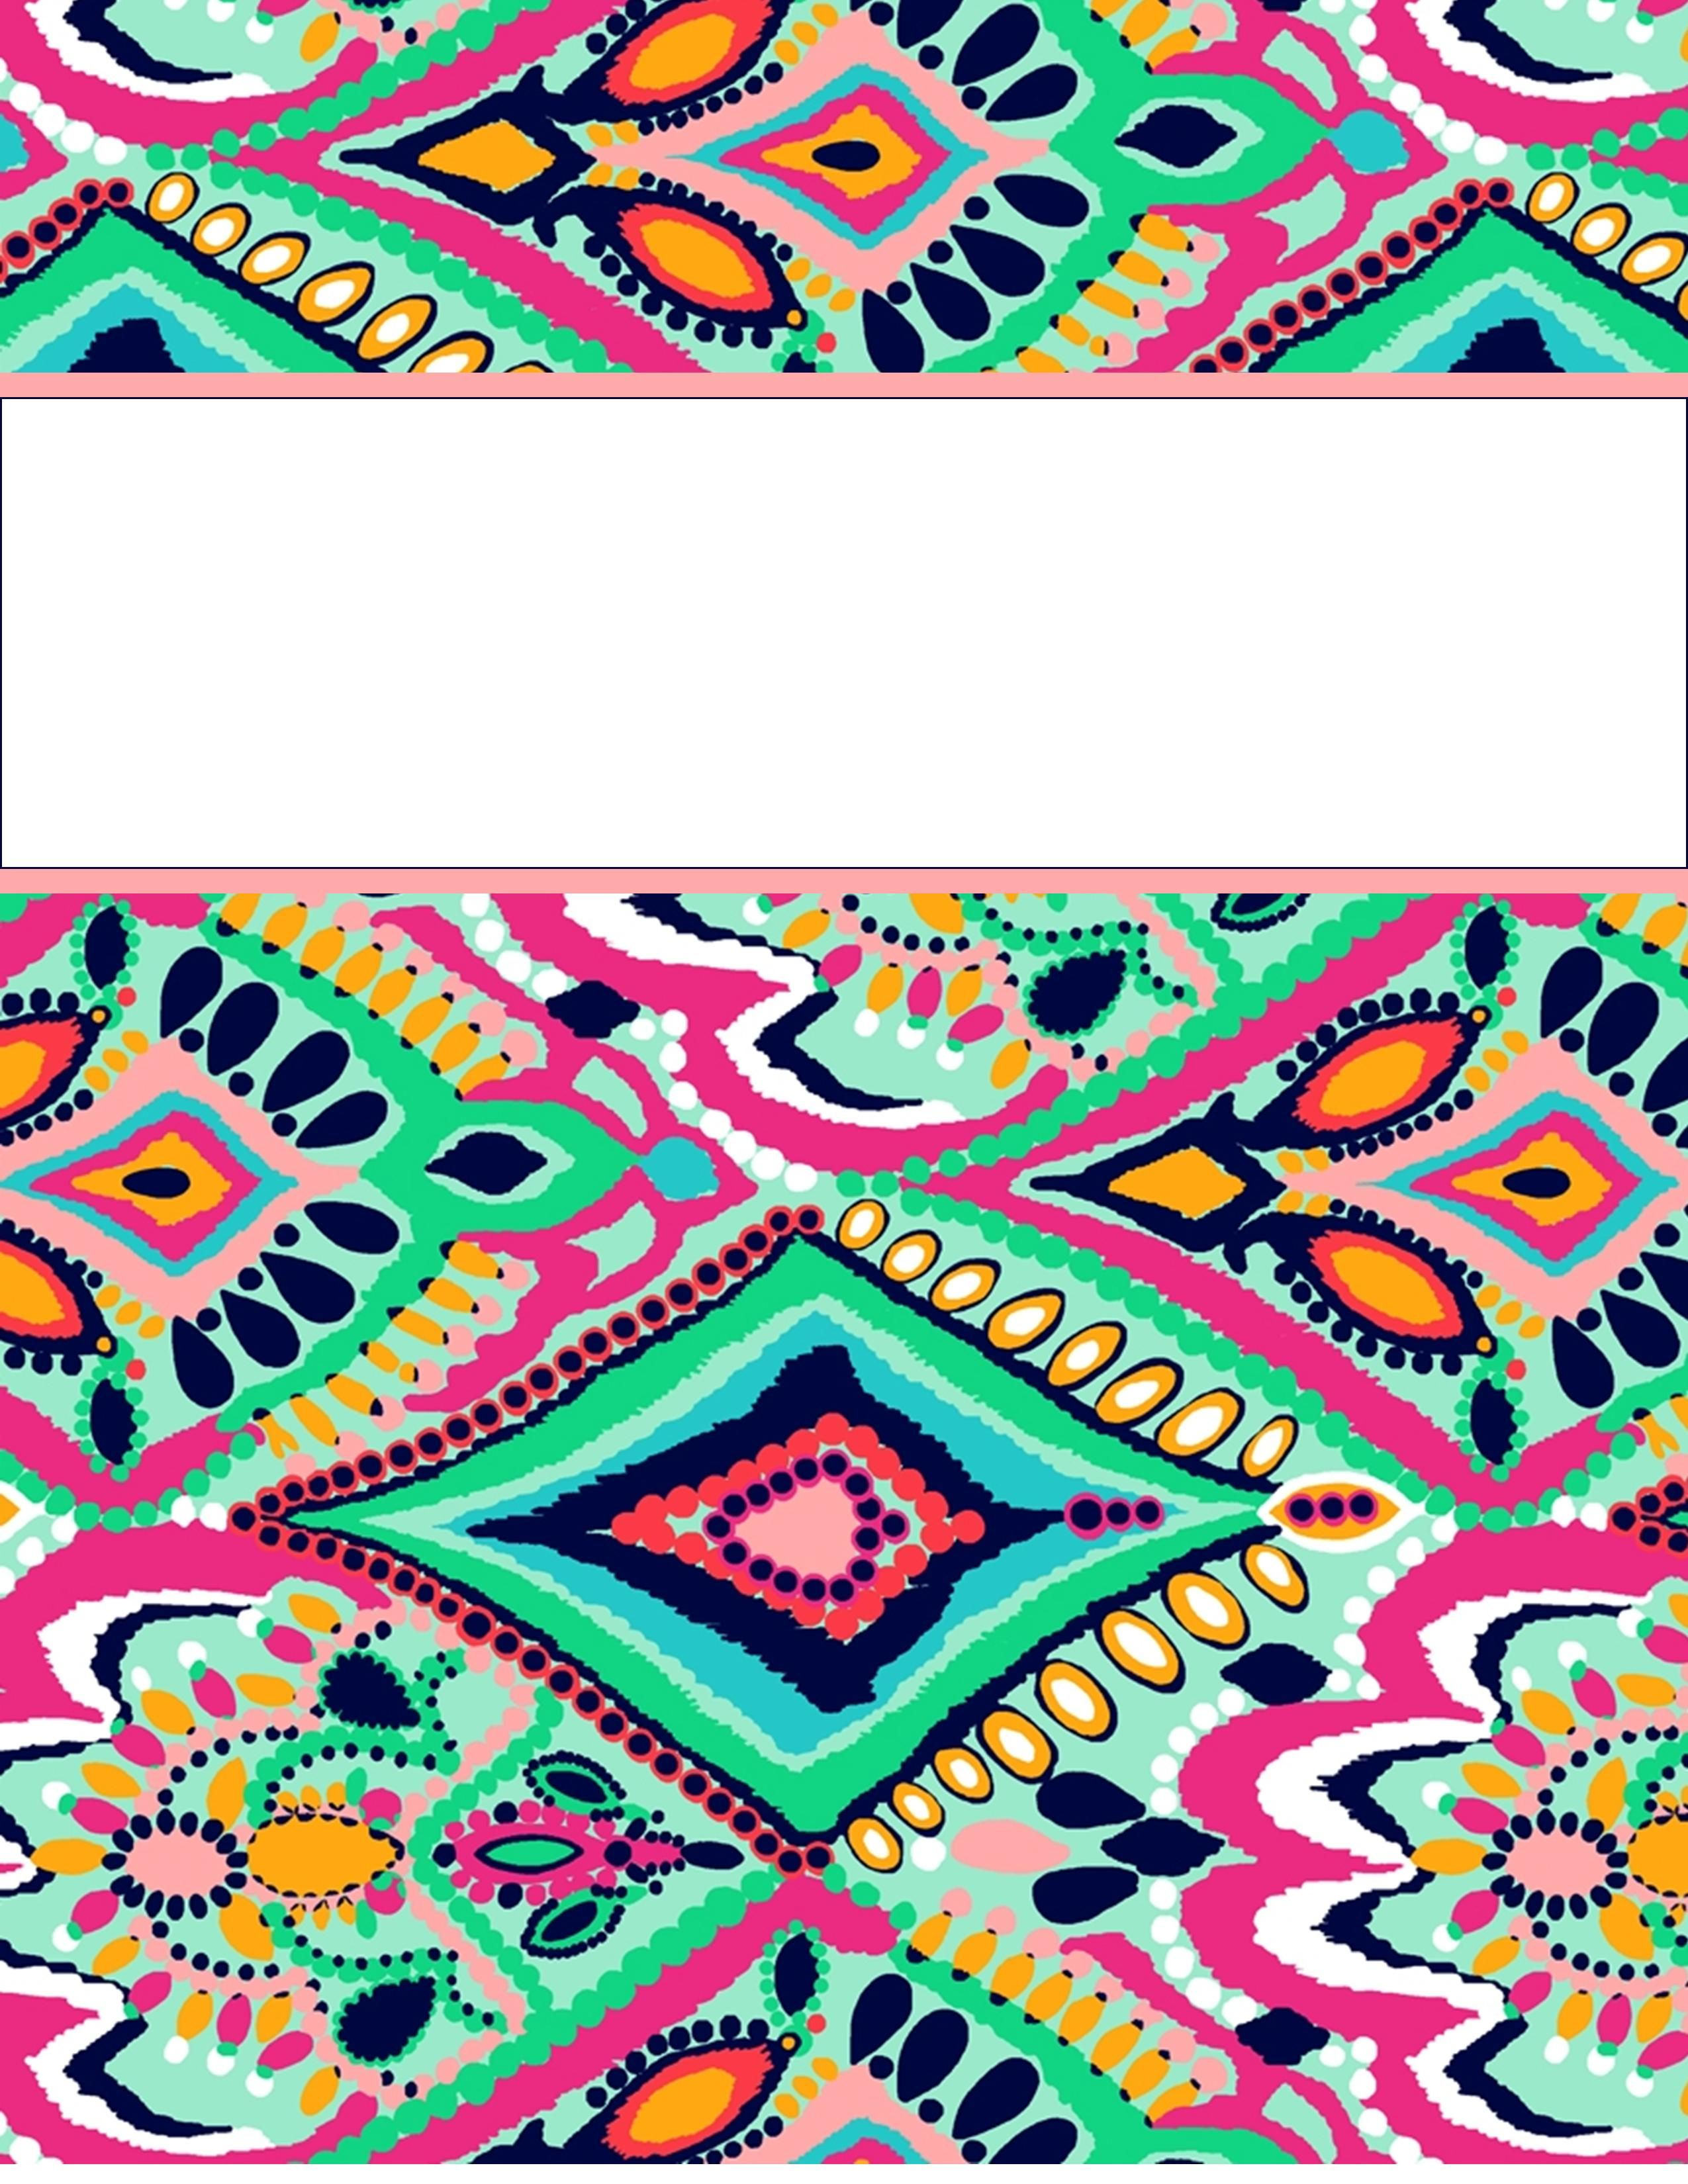 My Cute Binder Covers | Nursing School | Pinterest | Cute Binder - Free Editable Printable Binder Covers